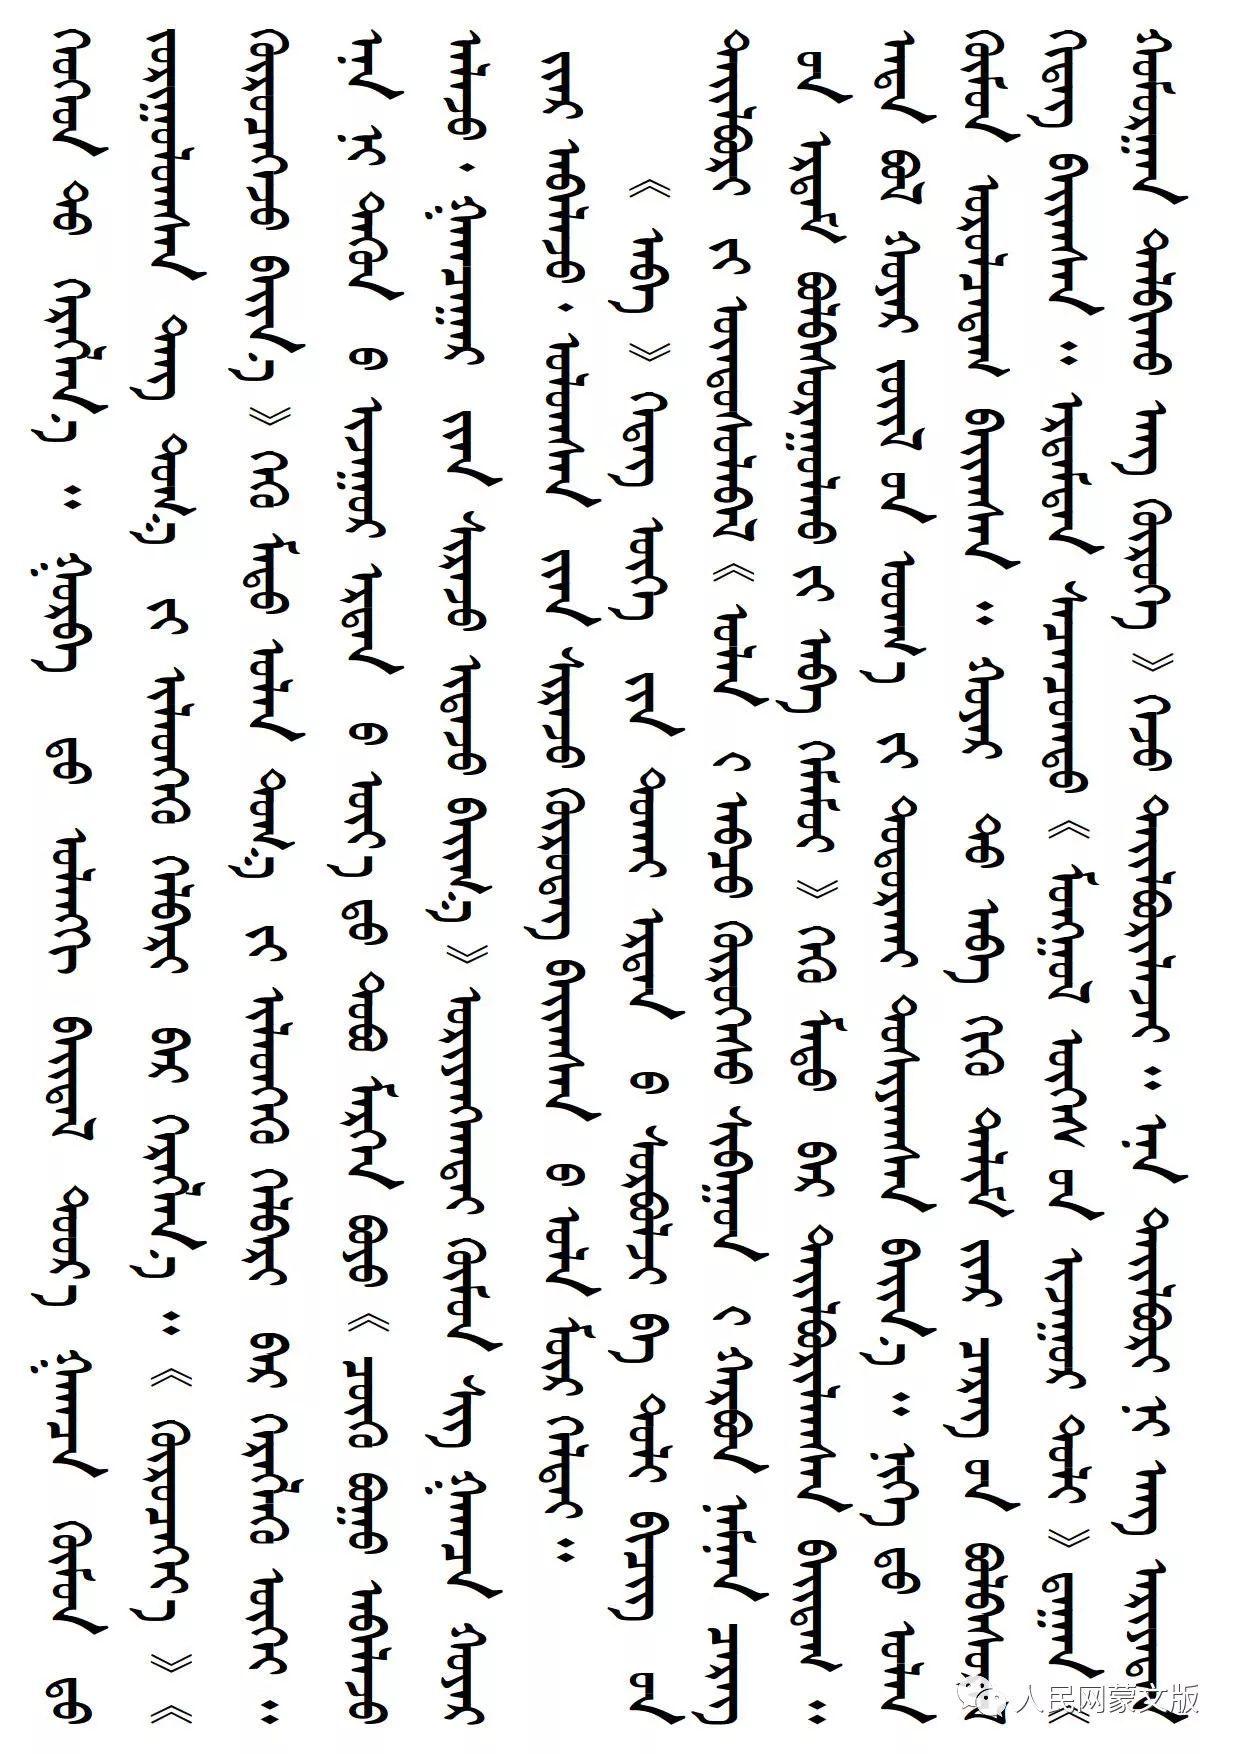 蒙古民俗探源 有关蒙古族狩猎的专有名词 第8张 蒙古民俗探源 有关蒙古族狩猎的专有名词 蒙古文库